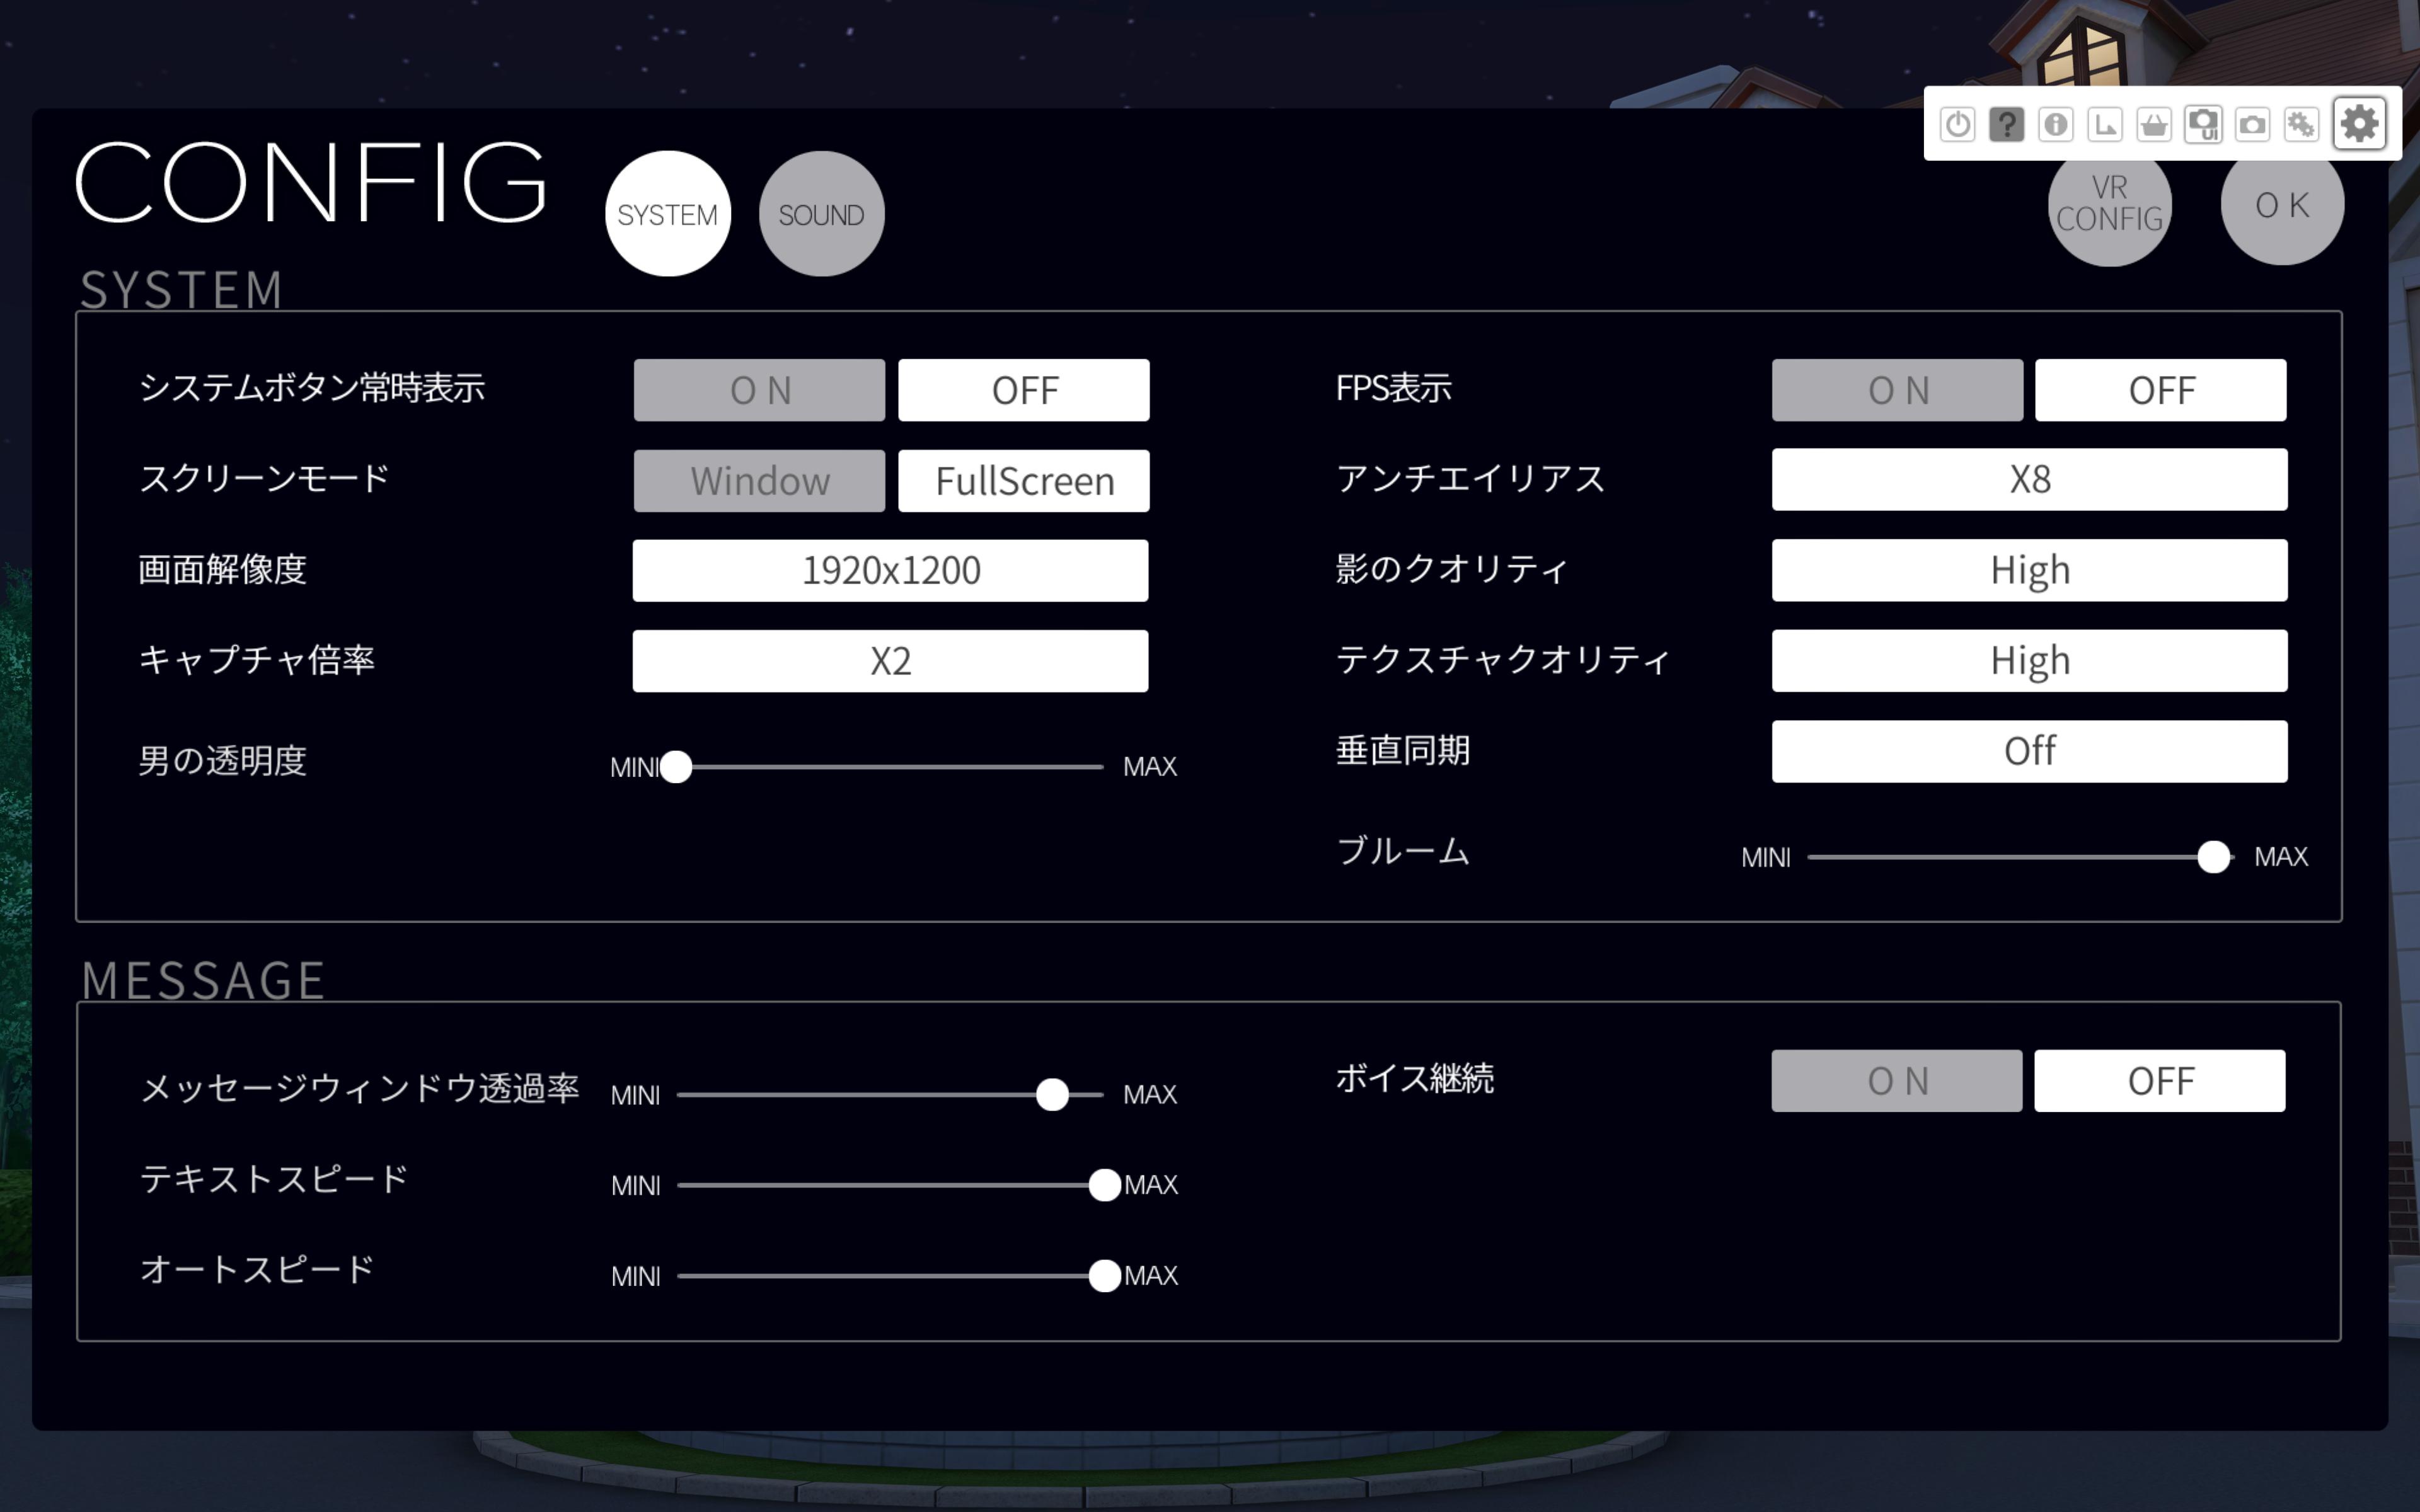 f:id:nichinichisou0808:20210920061042p:plain